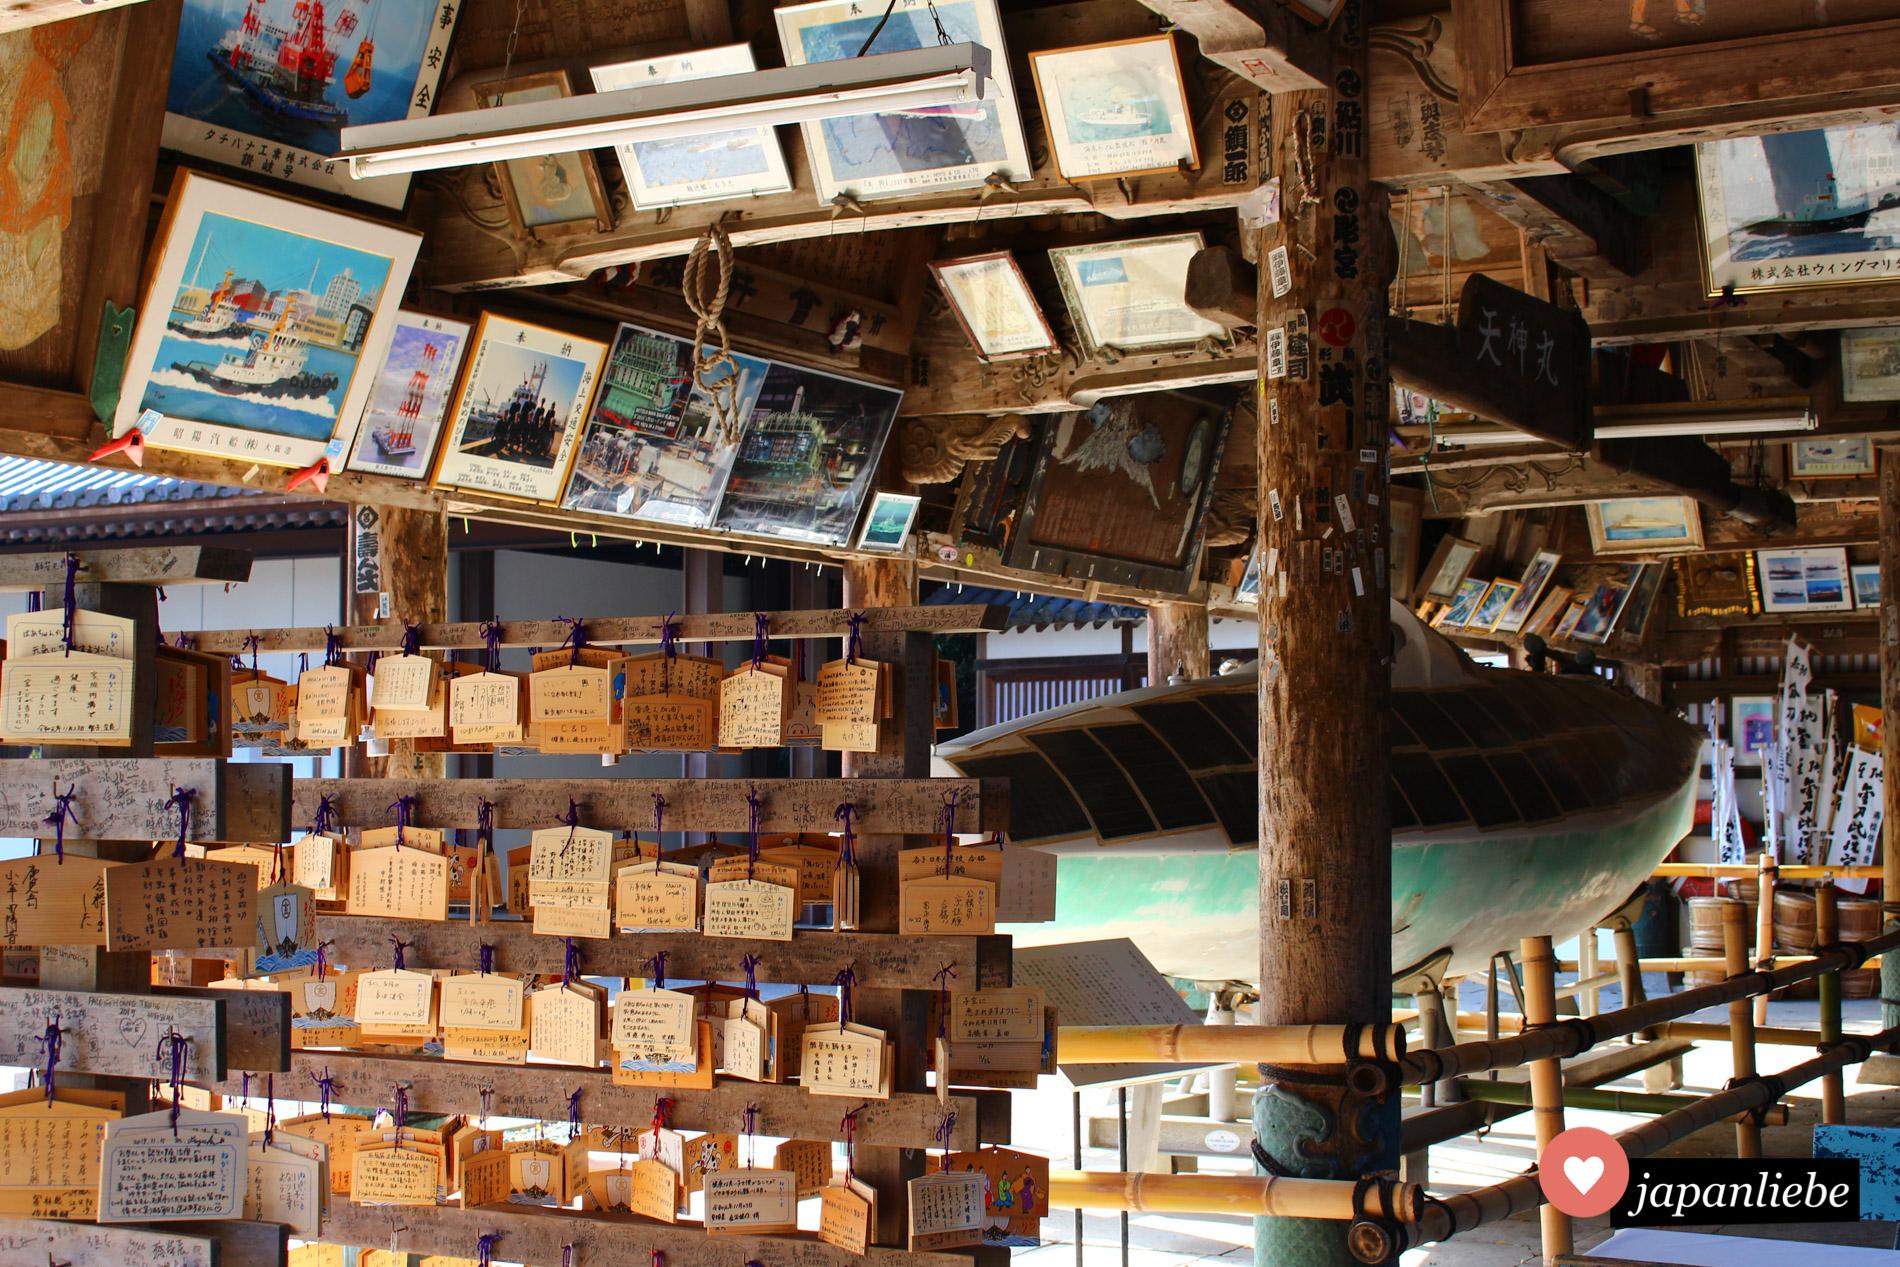 In der Votivhalle am Kotohira-gū finden sich diverse Opfergaben wie ema-Täfelchen und auch gerahmte Bilder. Dazwischen lassen sich einige Pilger-Namensaufkleber entdecken.